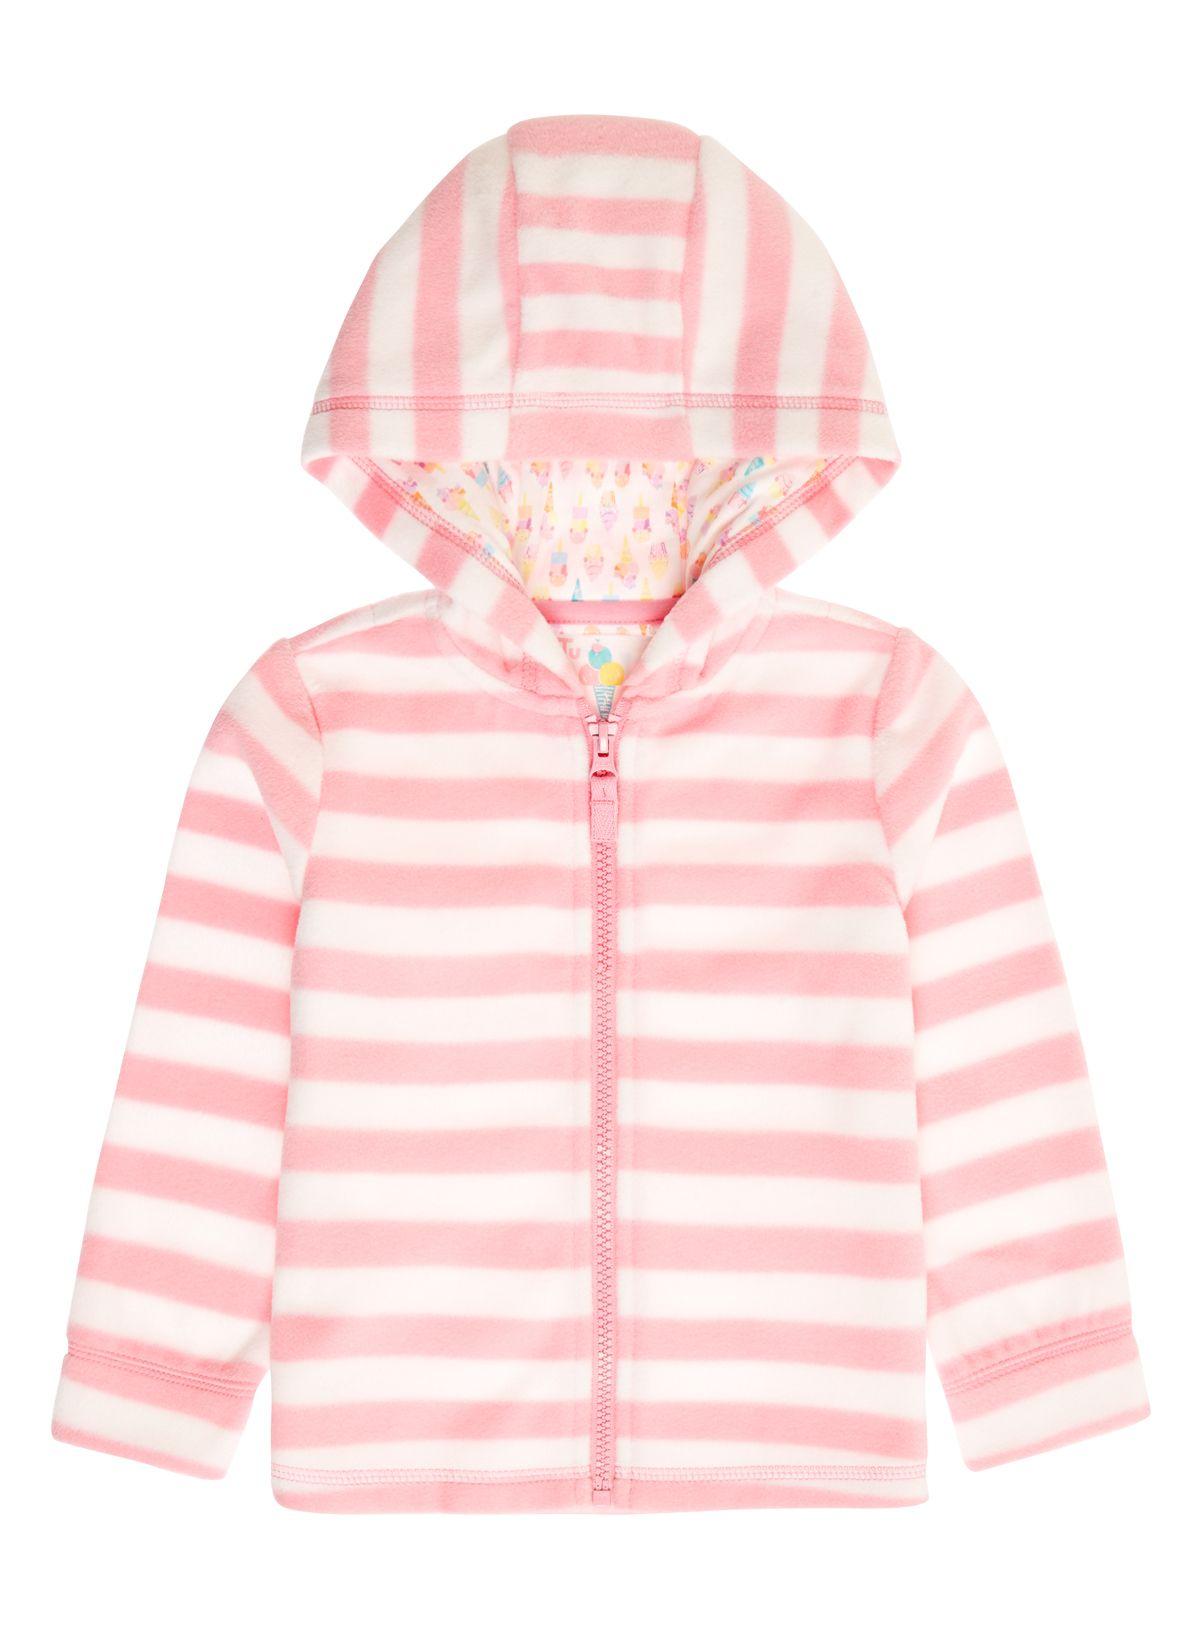 bfff755783c8 9 months - 5 years - Tu at Sainsburys Girls Pink Stripe Fleece ...